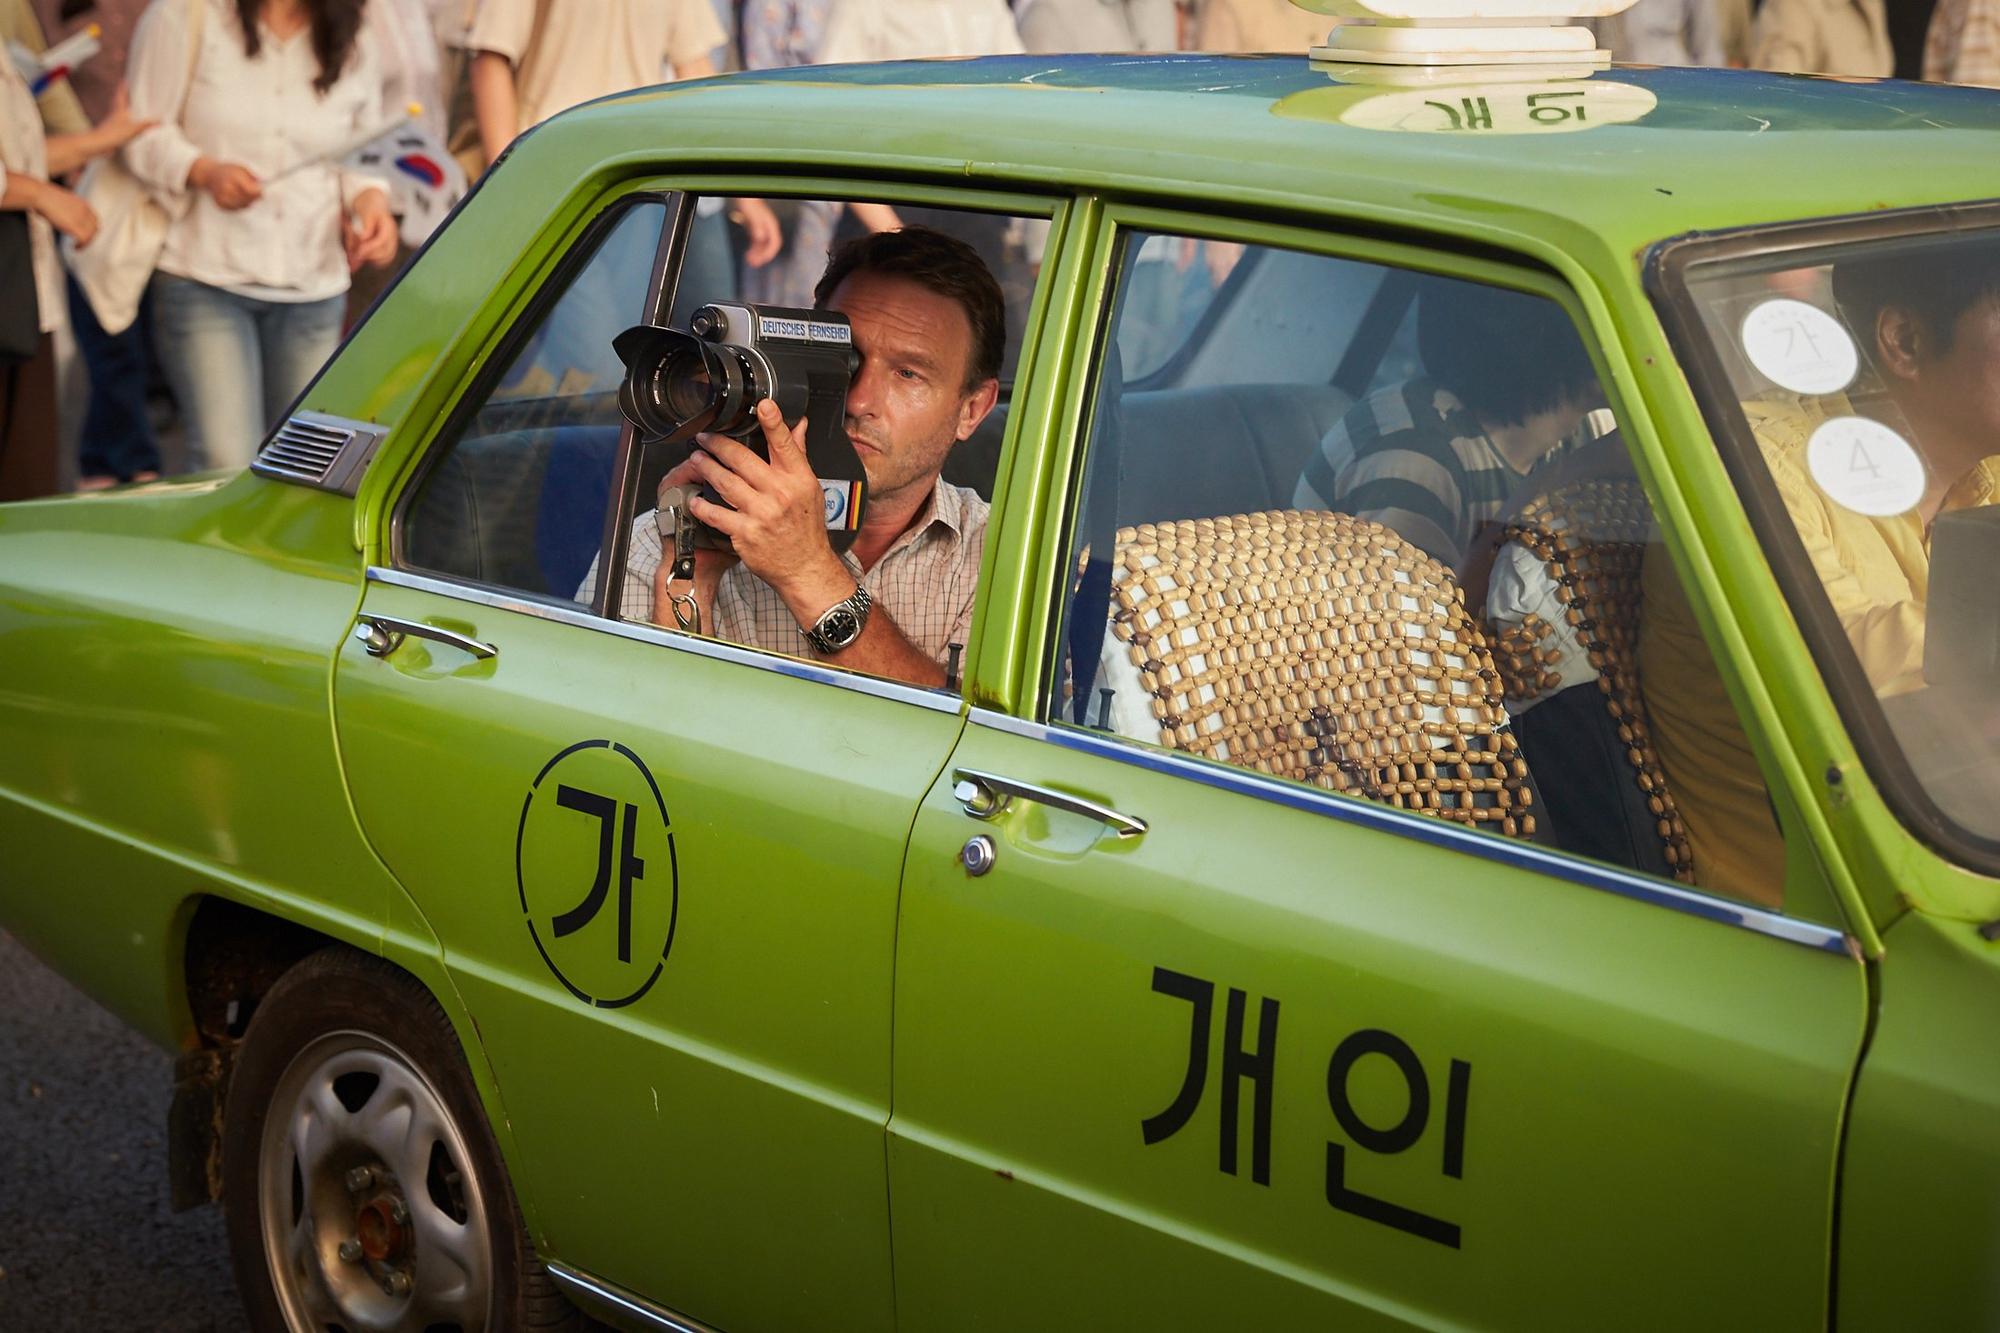 Phim Hàn ăn khách nhất 2017 với 12 triệu vé: Có xứng đáng với lời ca ngợi? - Ảnh 2.